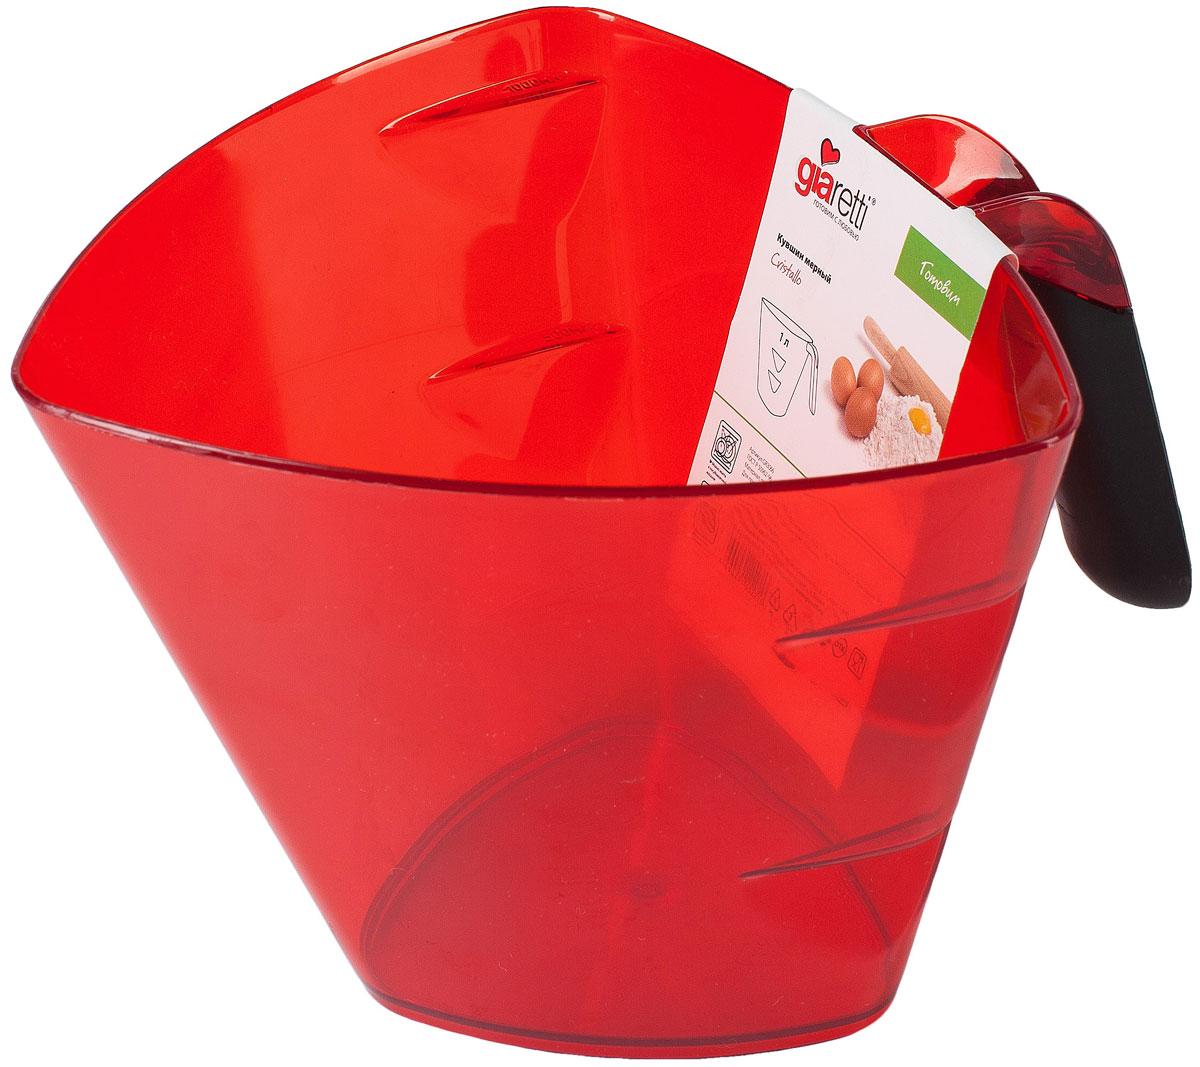 Кувшин мерный Giaretti Cristallo, цвет: красный, 1 л68/5/3Мерный кувшин Giaretti Cristallo, изготовленный из высококачественного пластика, вдохновляет на кулинарные победы своим ярким цветом и привлекательным дизайном. На внутренние стенки кувшина нанесена мерная шкала. Кувшин оснащен носиком для удобного слива, а также эргономичной ручкой с противоскользящей вставкой. Такой мерный кувшин придется по душе каждой хозяйке и станет незаменимым аксессуаром на кухне.